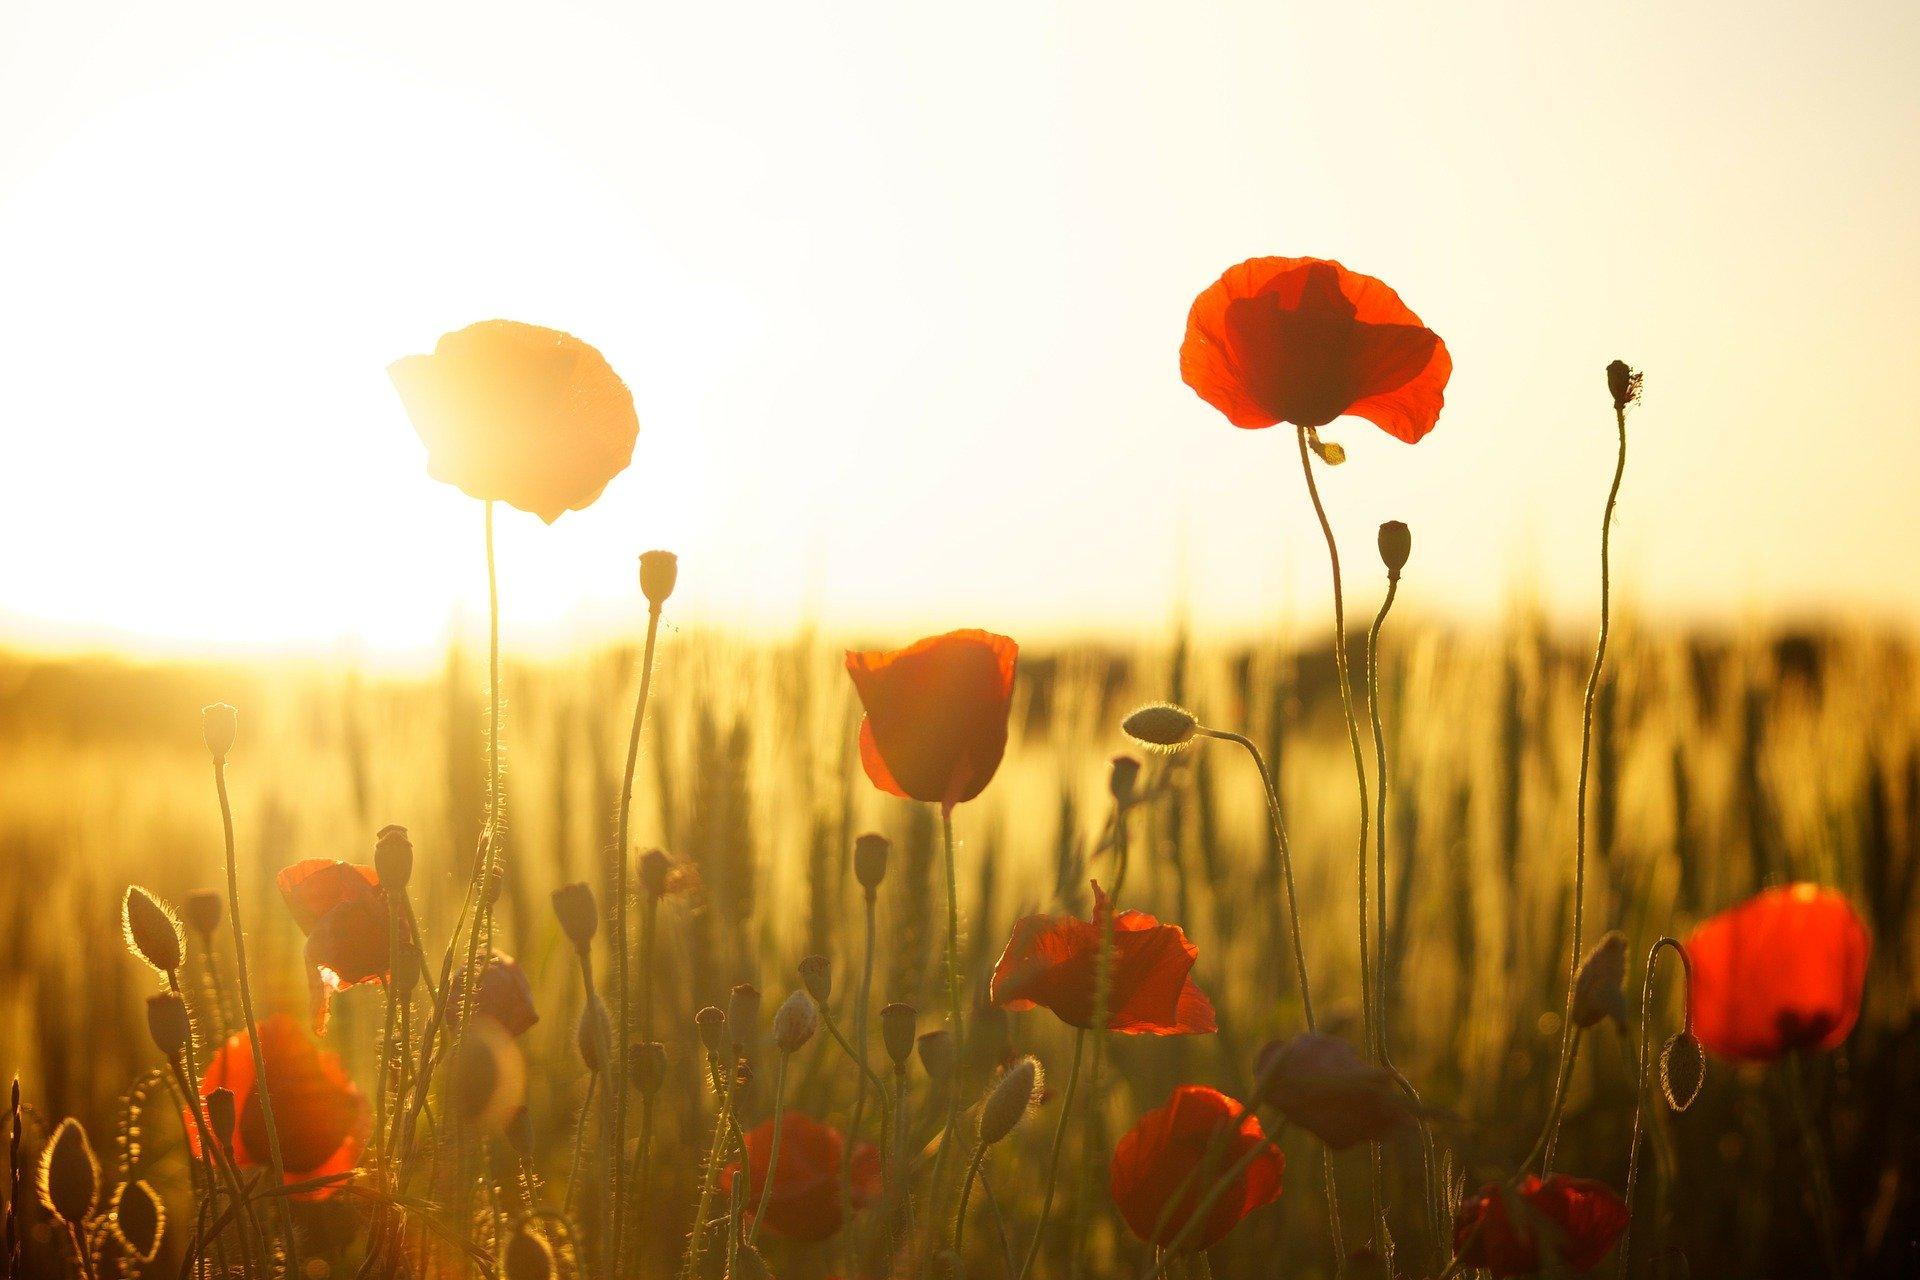 Mohnblumen im Gegengelicht mit Weizenfeld im Hintergrund